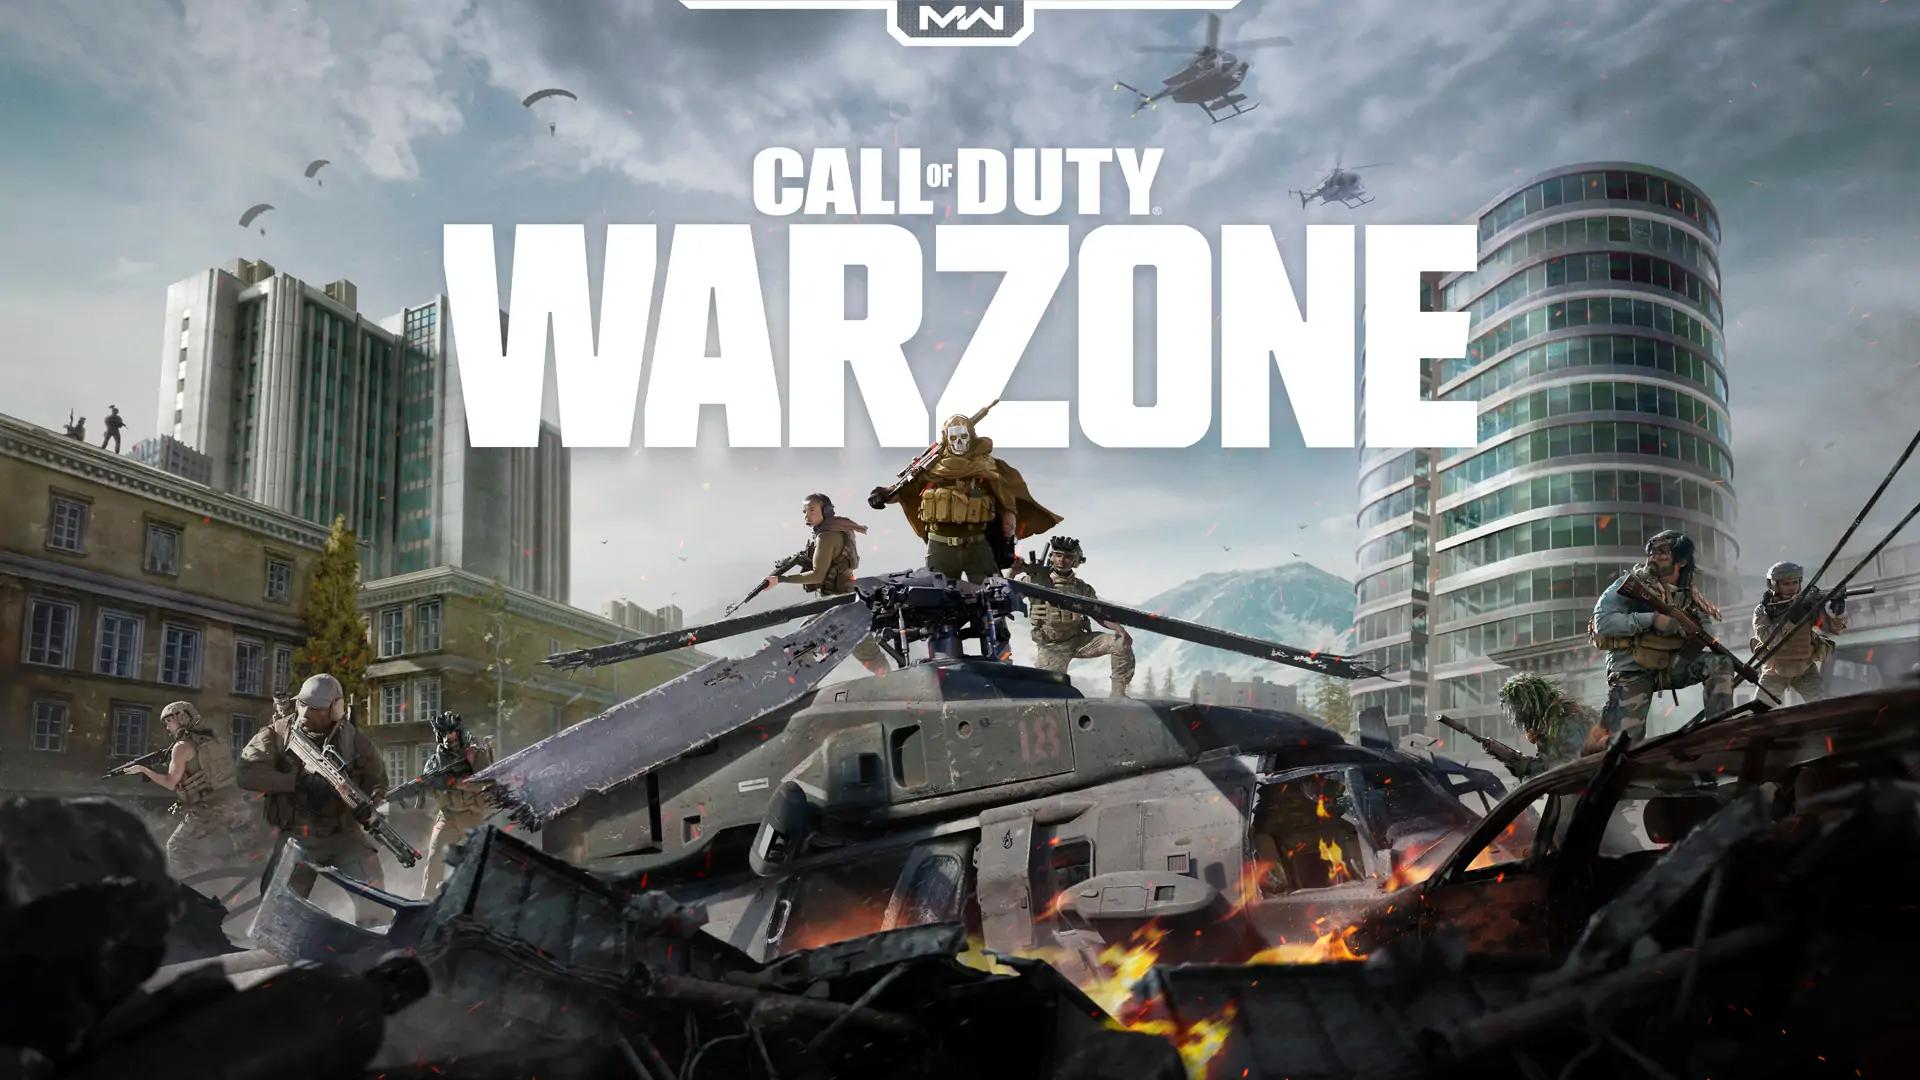 Игроки Call of Duty: Warzone, разочарованные отсутствием трио режима, получат свое желаемое сегодня